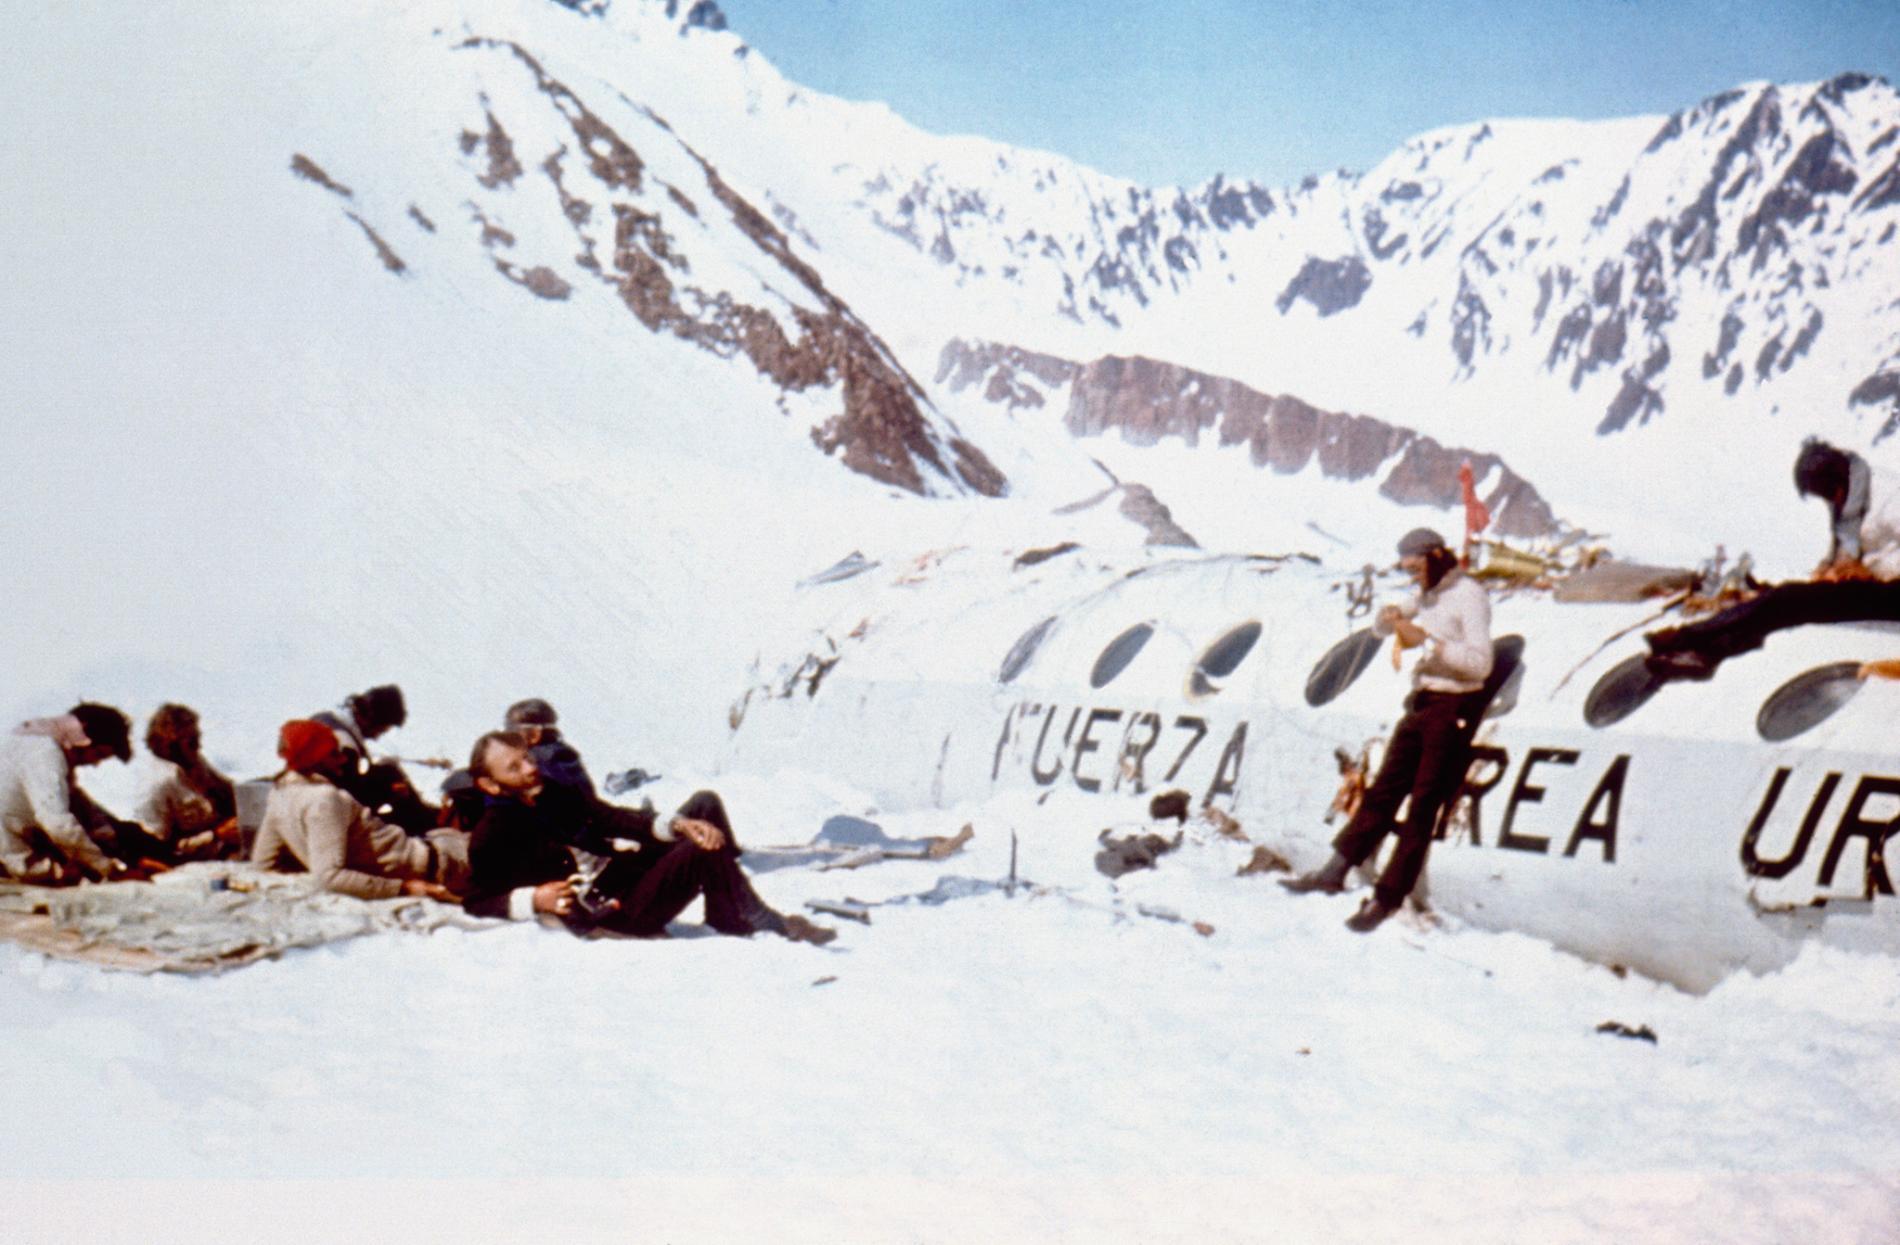 سقوط پرواز شماره 571 خطوط هوایی اروگوئه ، جنجالی ترین سانحه هوایی جهان